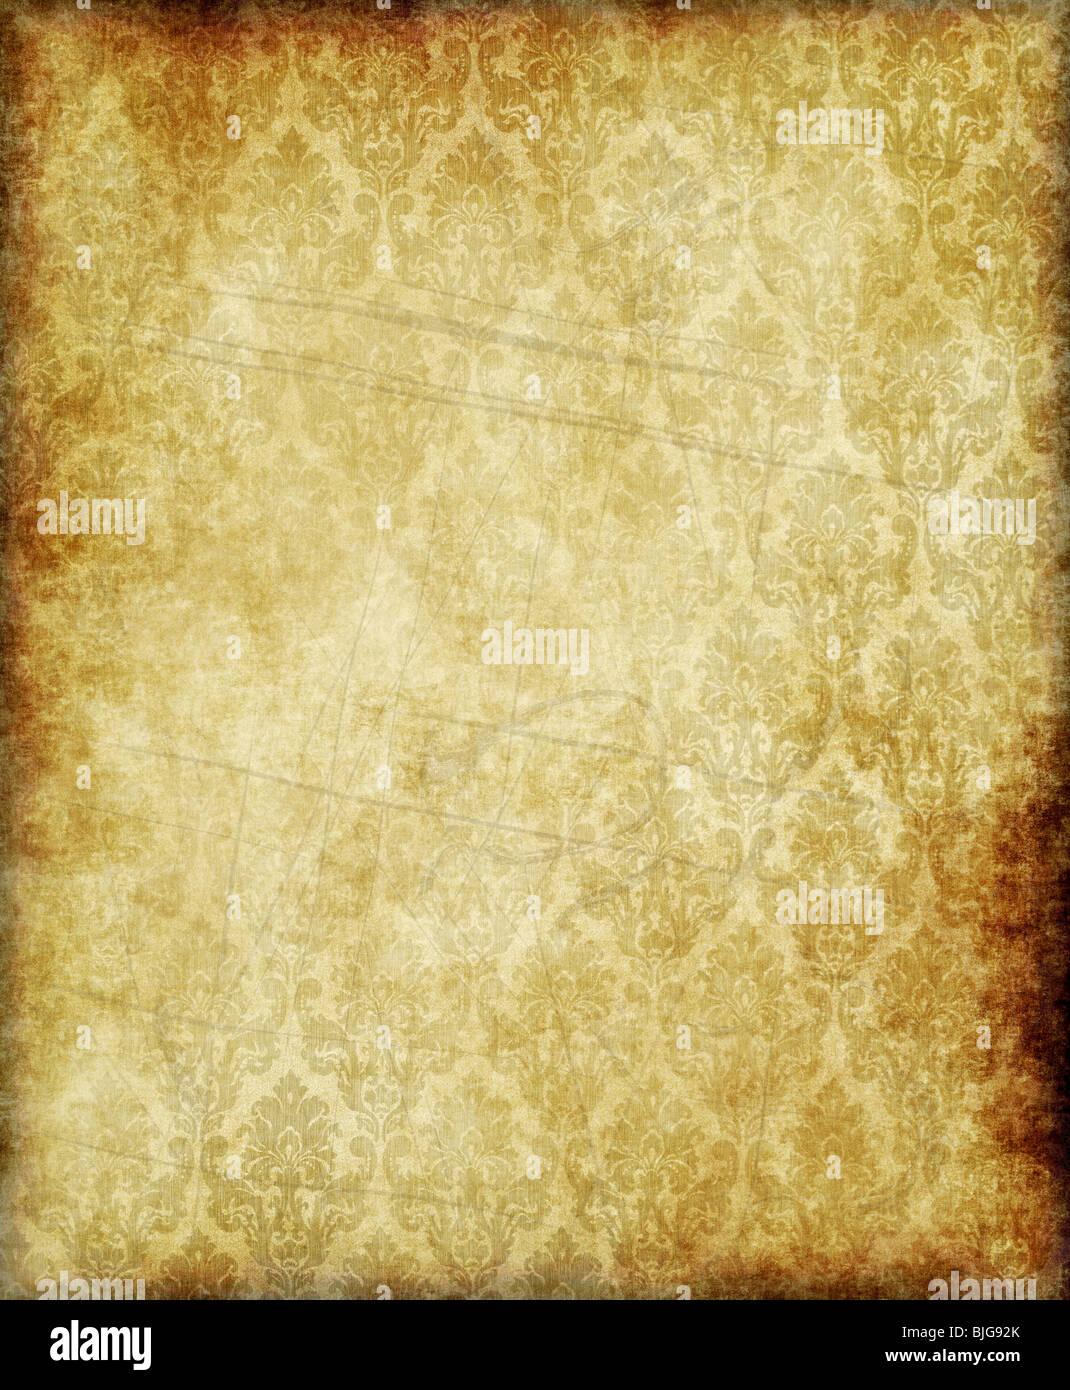 Gran Viejo papel pergamino o textura de fondo Imagen De Stock